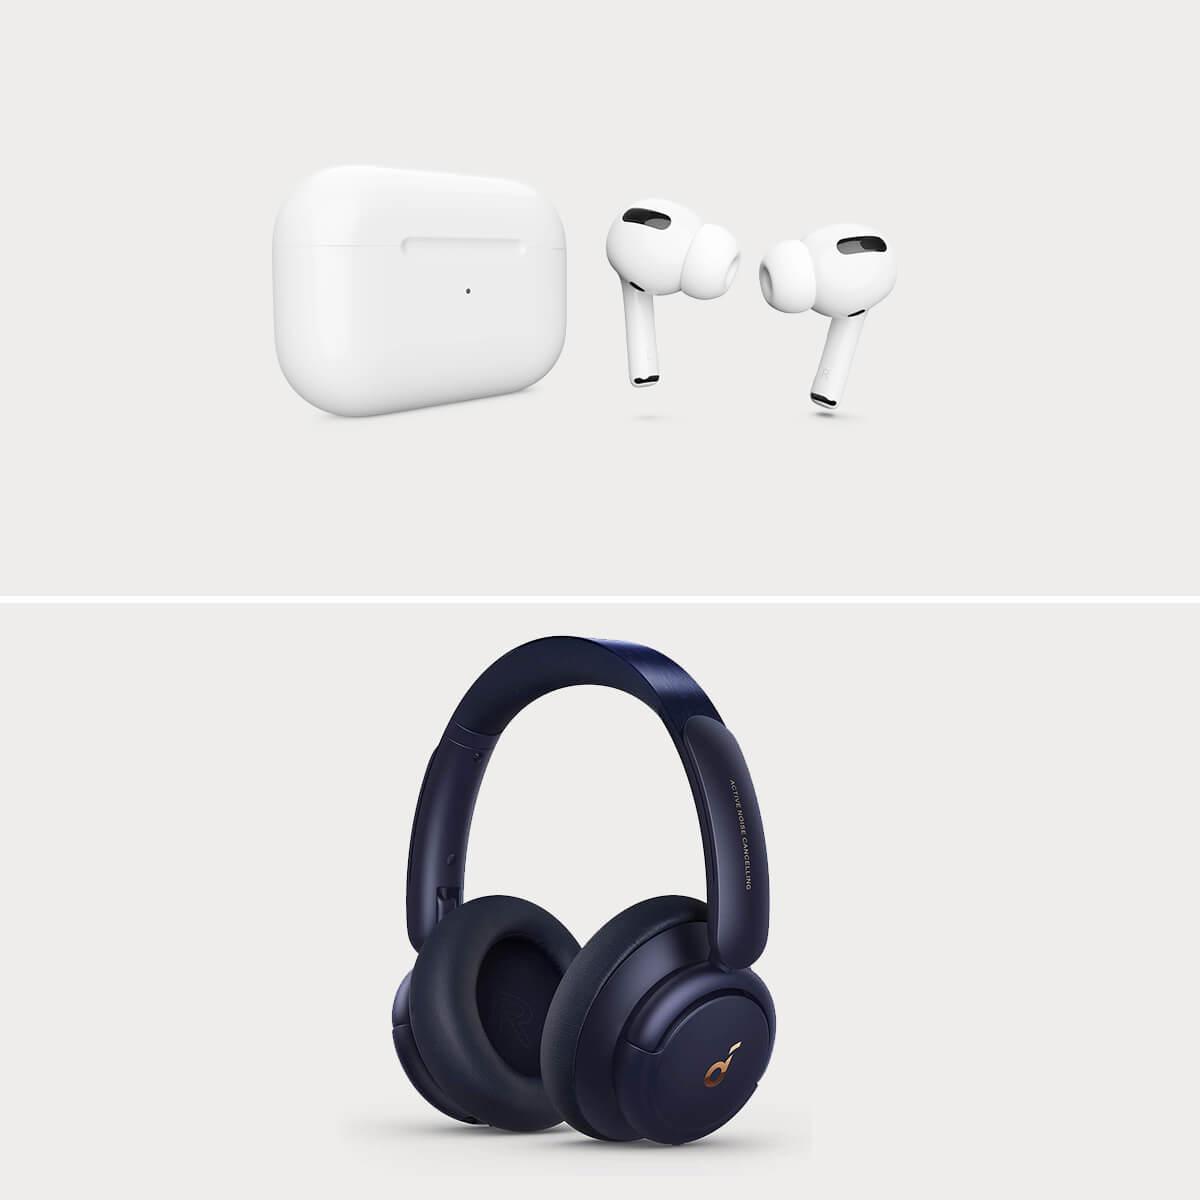 Tech Travel Headphones & Earphones